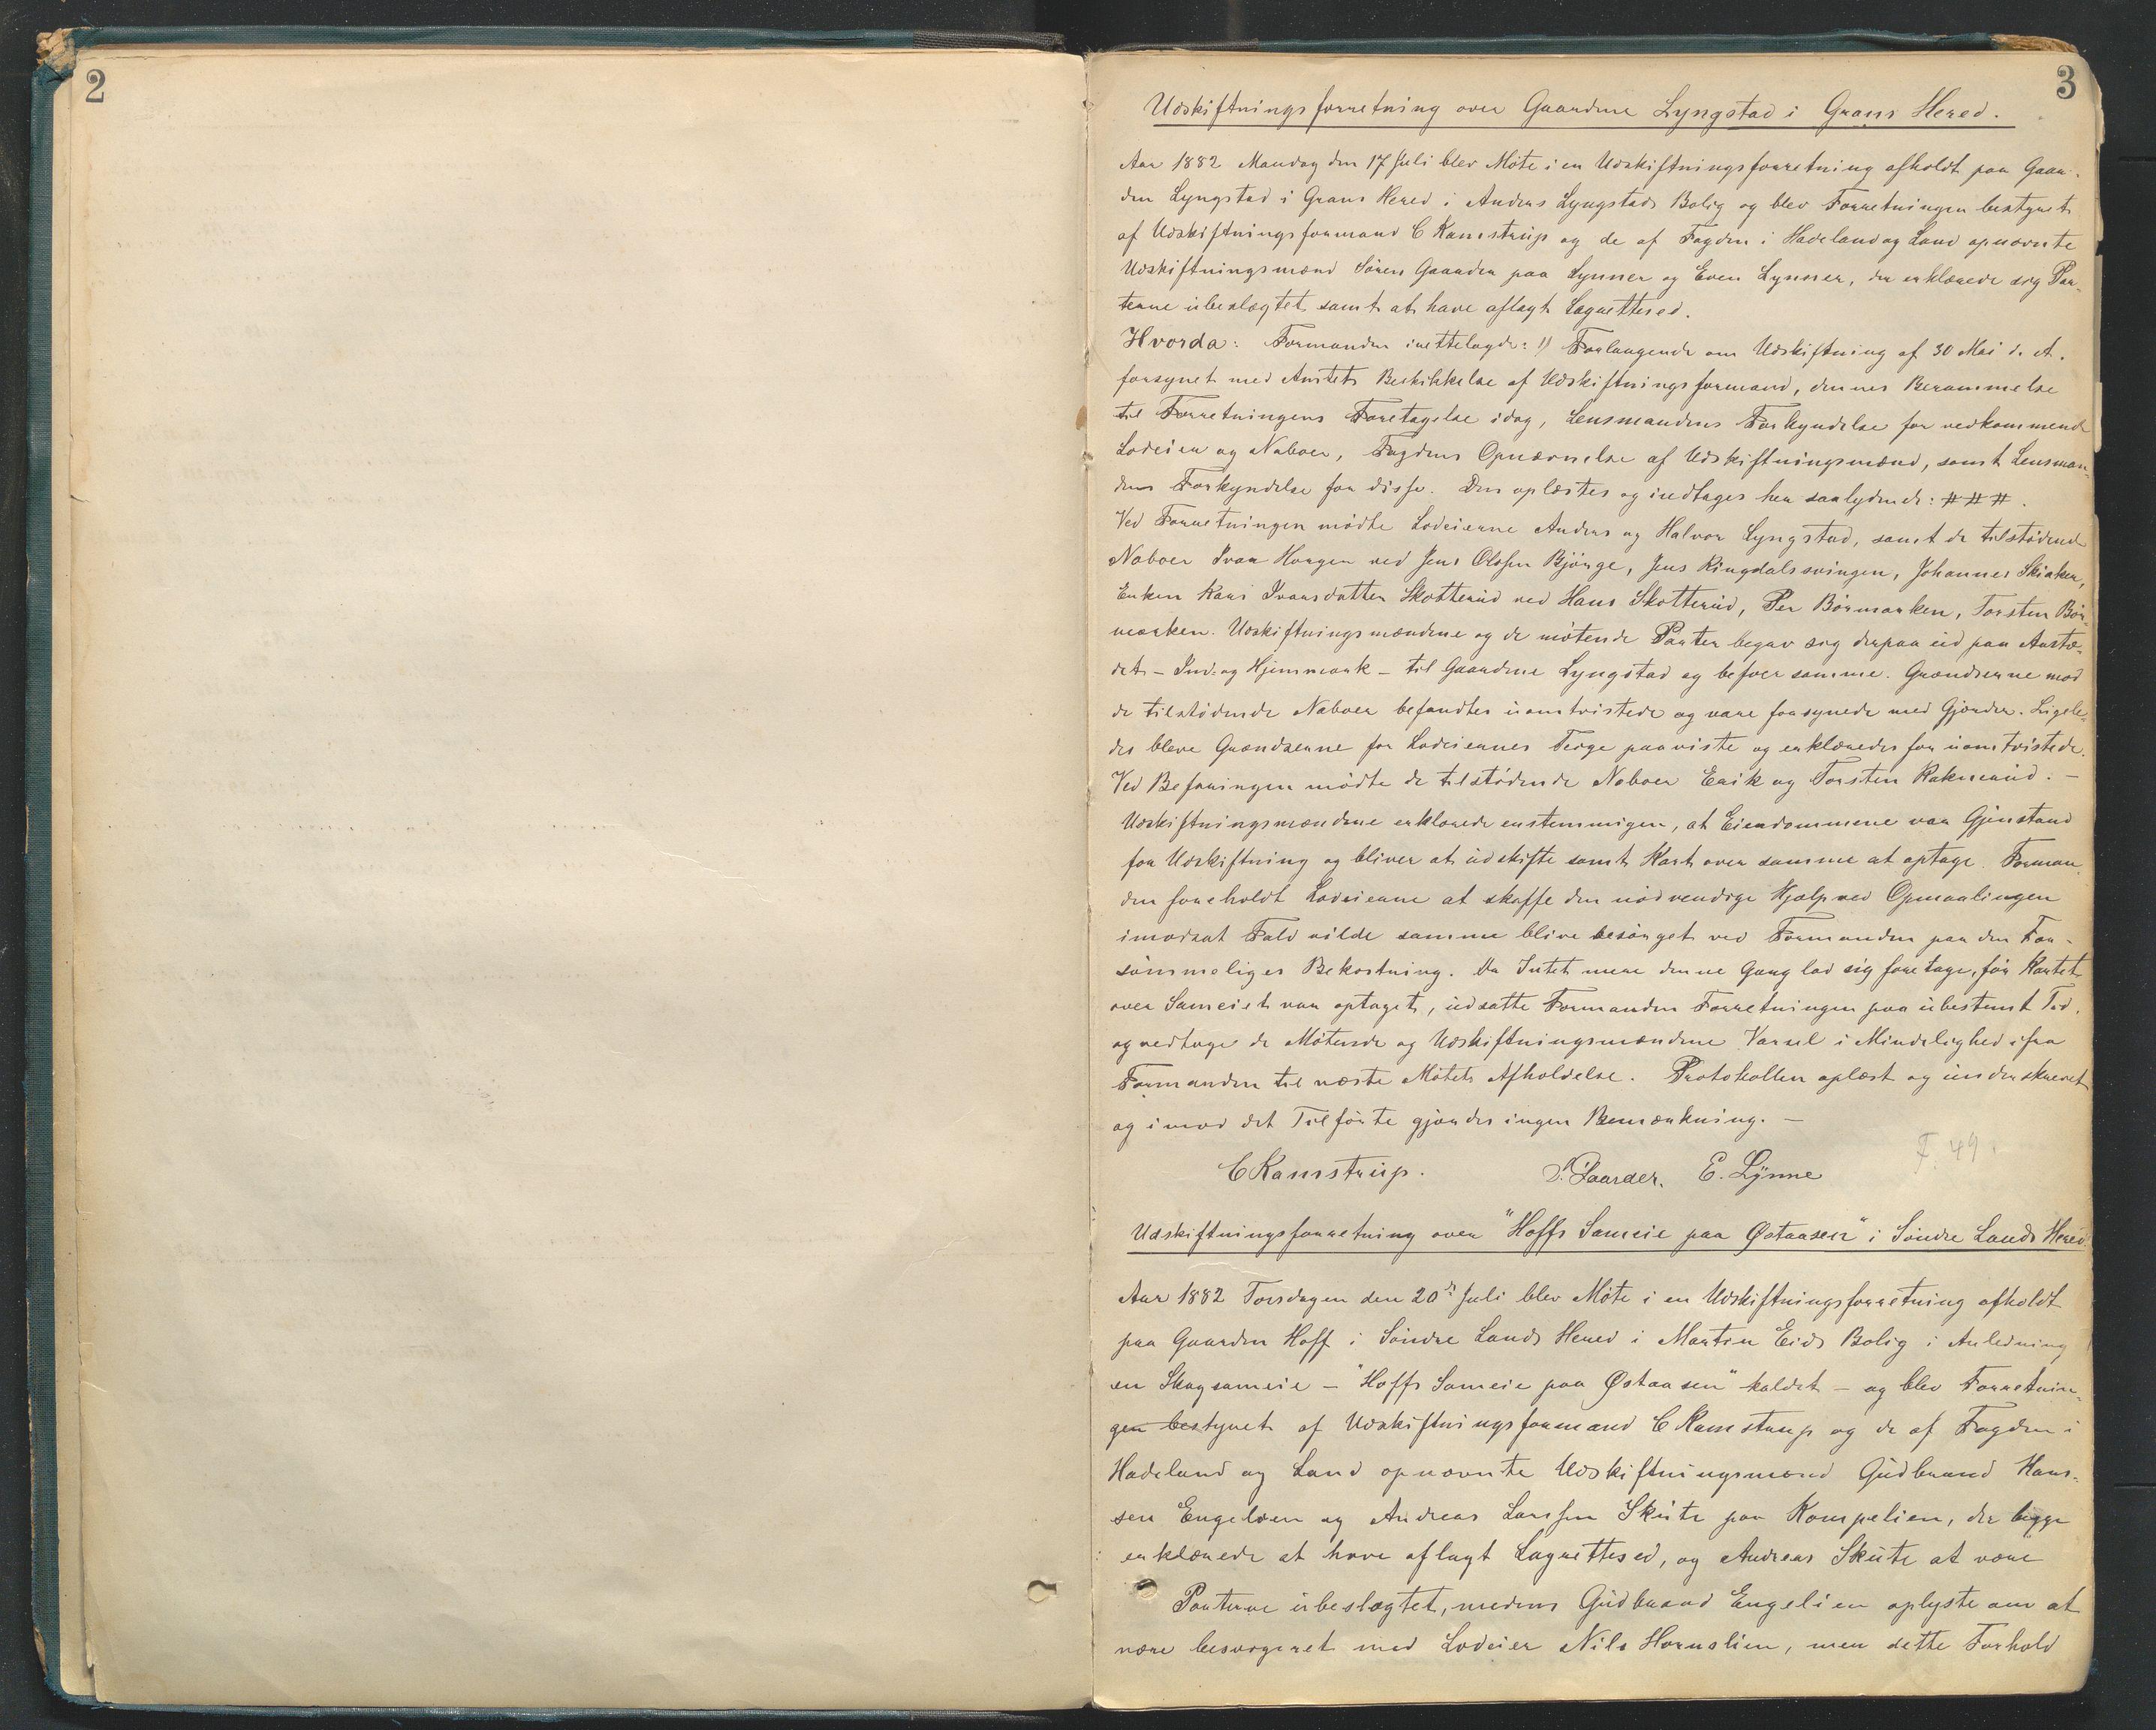 SAH, Utskiftningsformannen i Oppland fylke, H/Hc/Hcg/L0002: Forhandlingsprotokoller , 1882-1889, s. 2-3